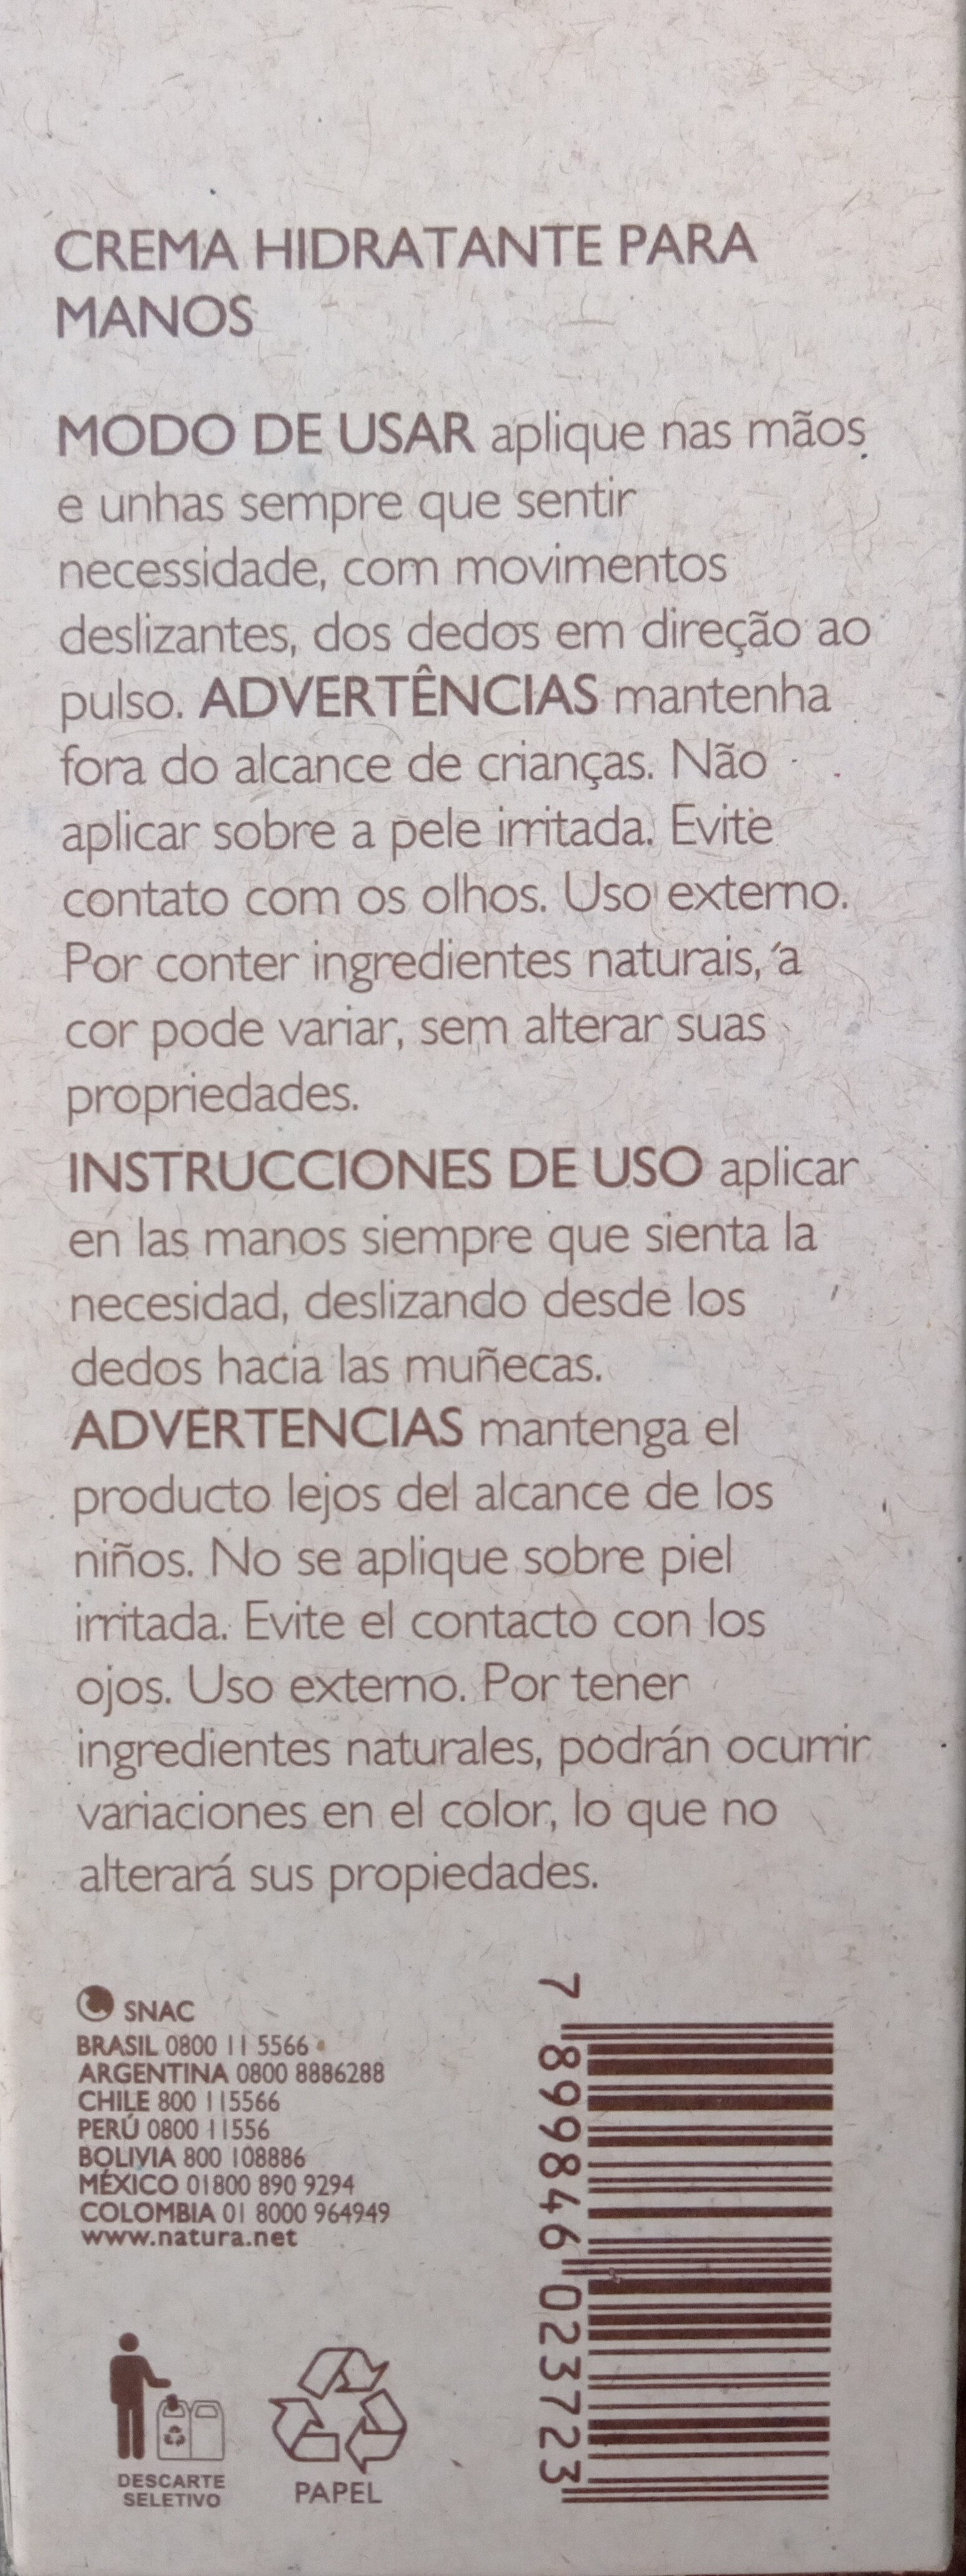 Crema hidratante para manos EKOS Castanha - Product - en